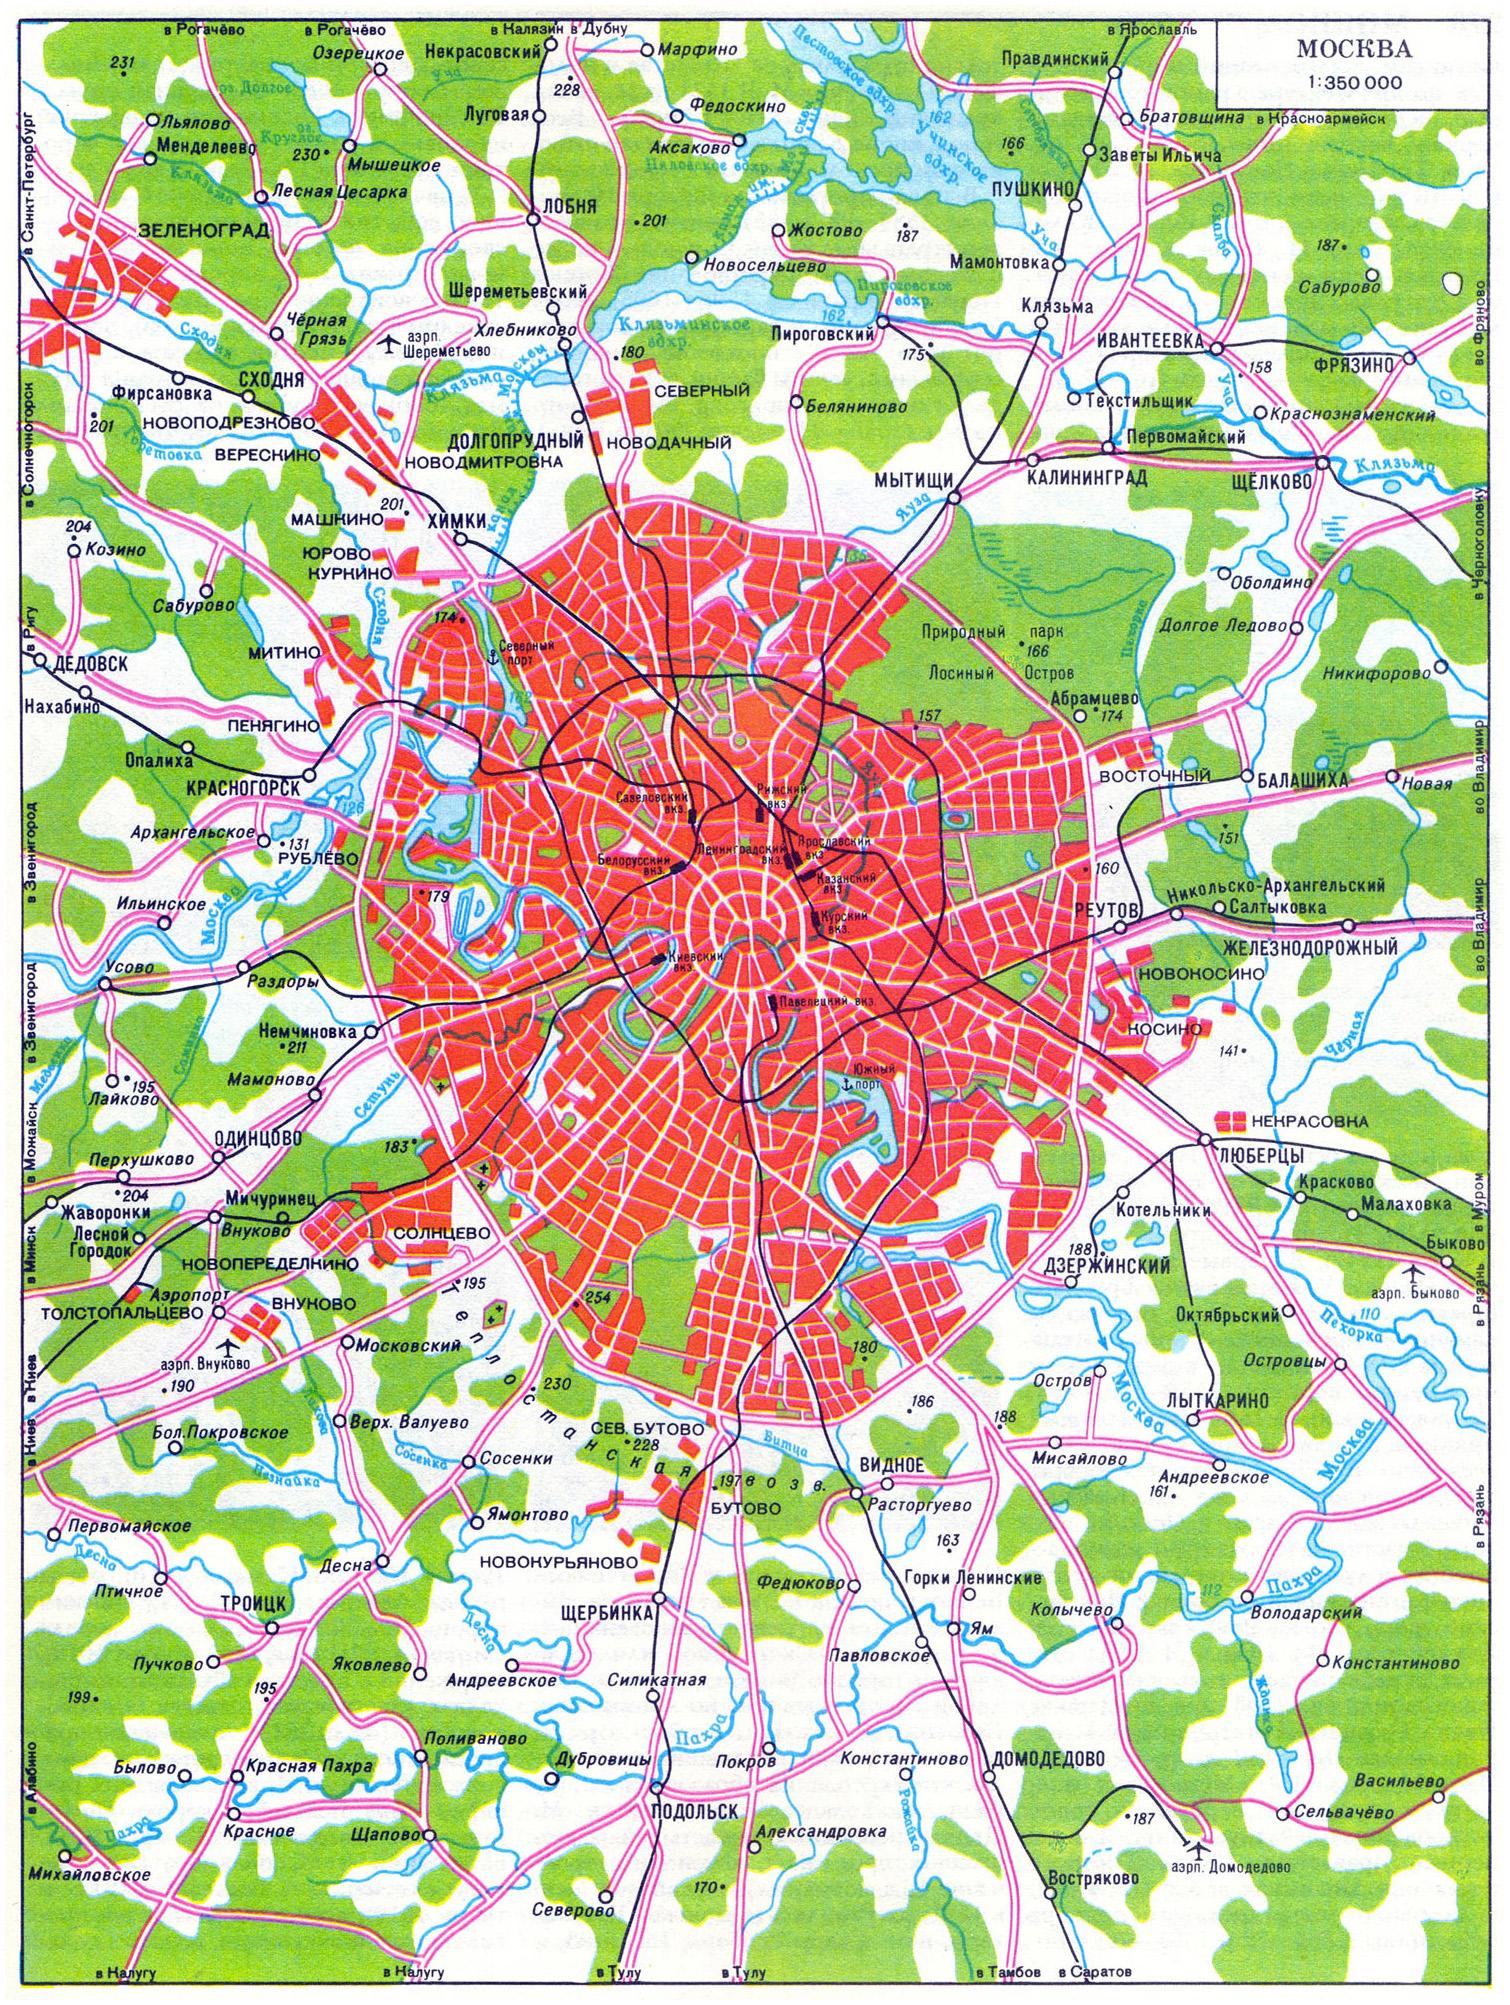 Карта автомобильных дорог Москвы. Все автодороги Москвы ...: http://www.rus-maps.com/russia-map-280/